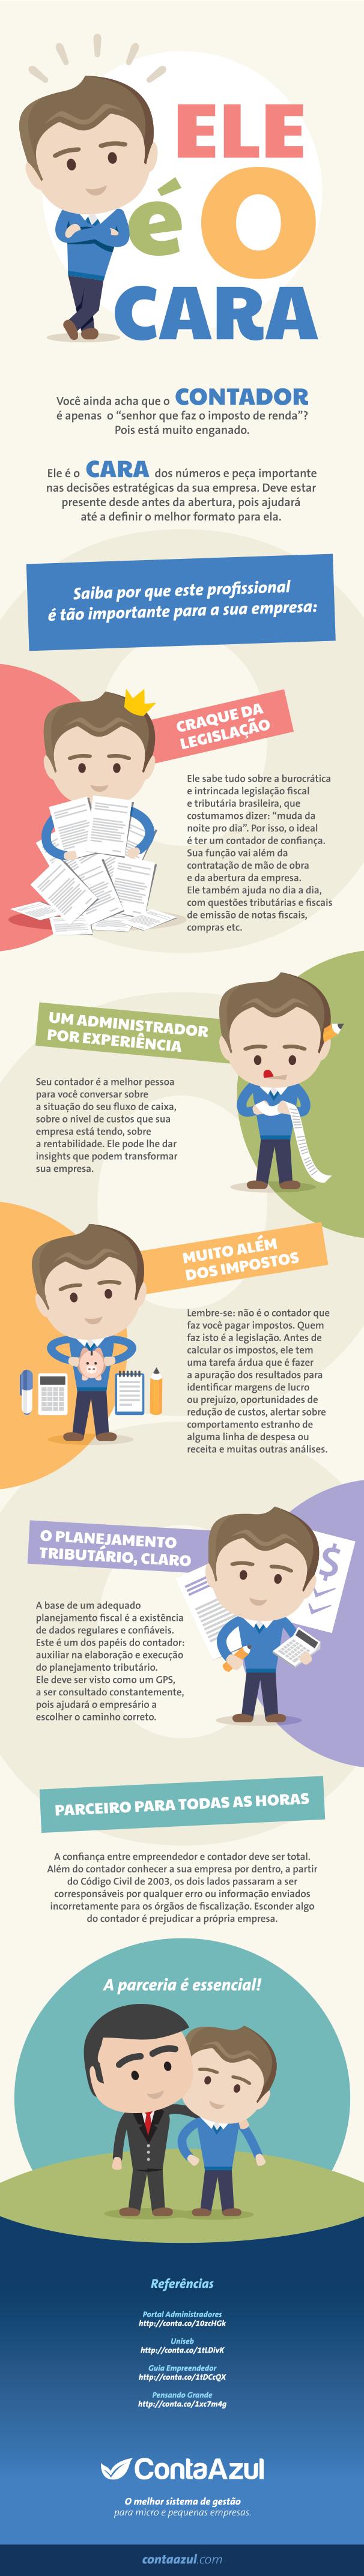 info_contador